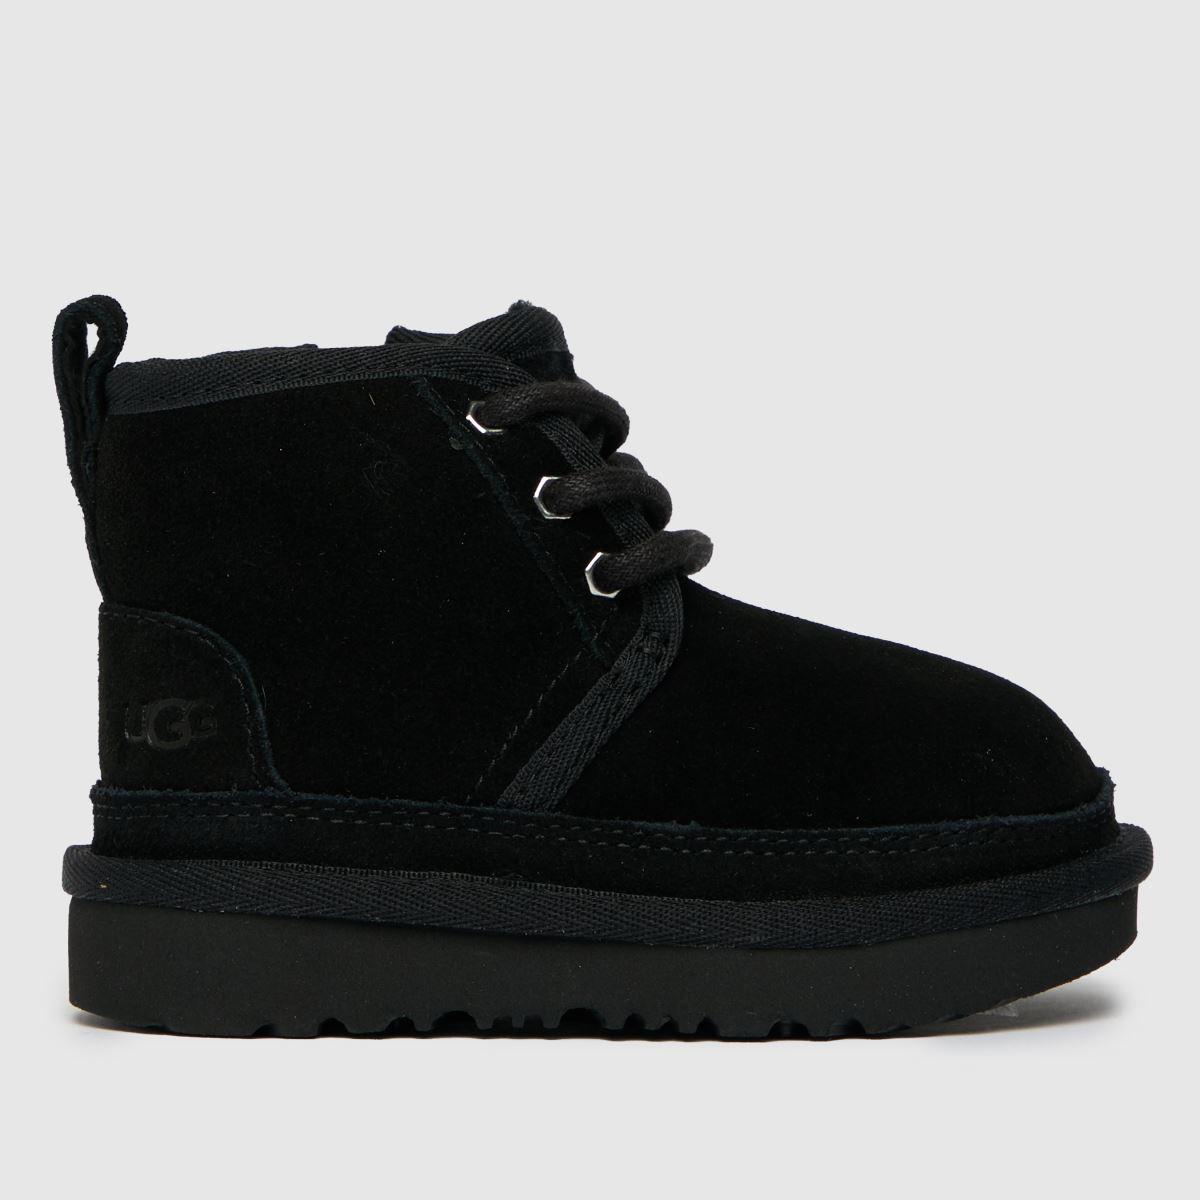 UGG Black Neumel Ii Boots Toddler